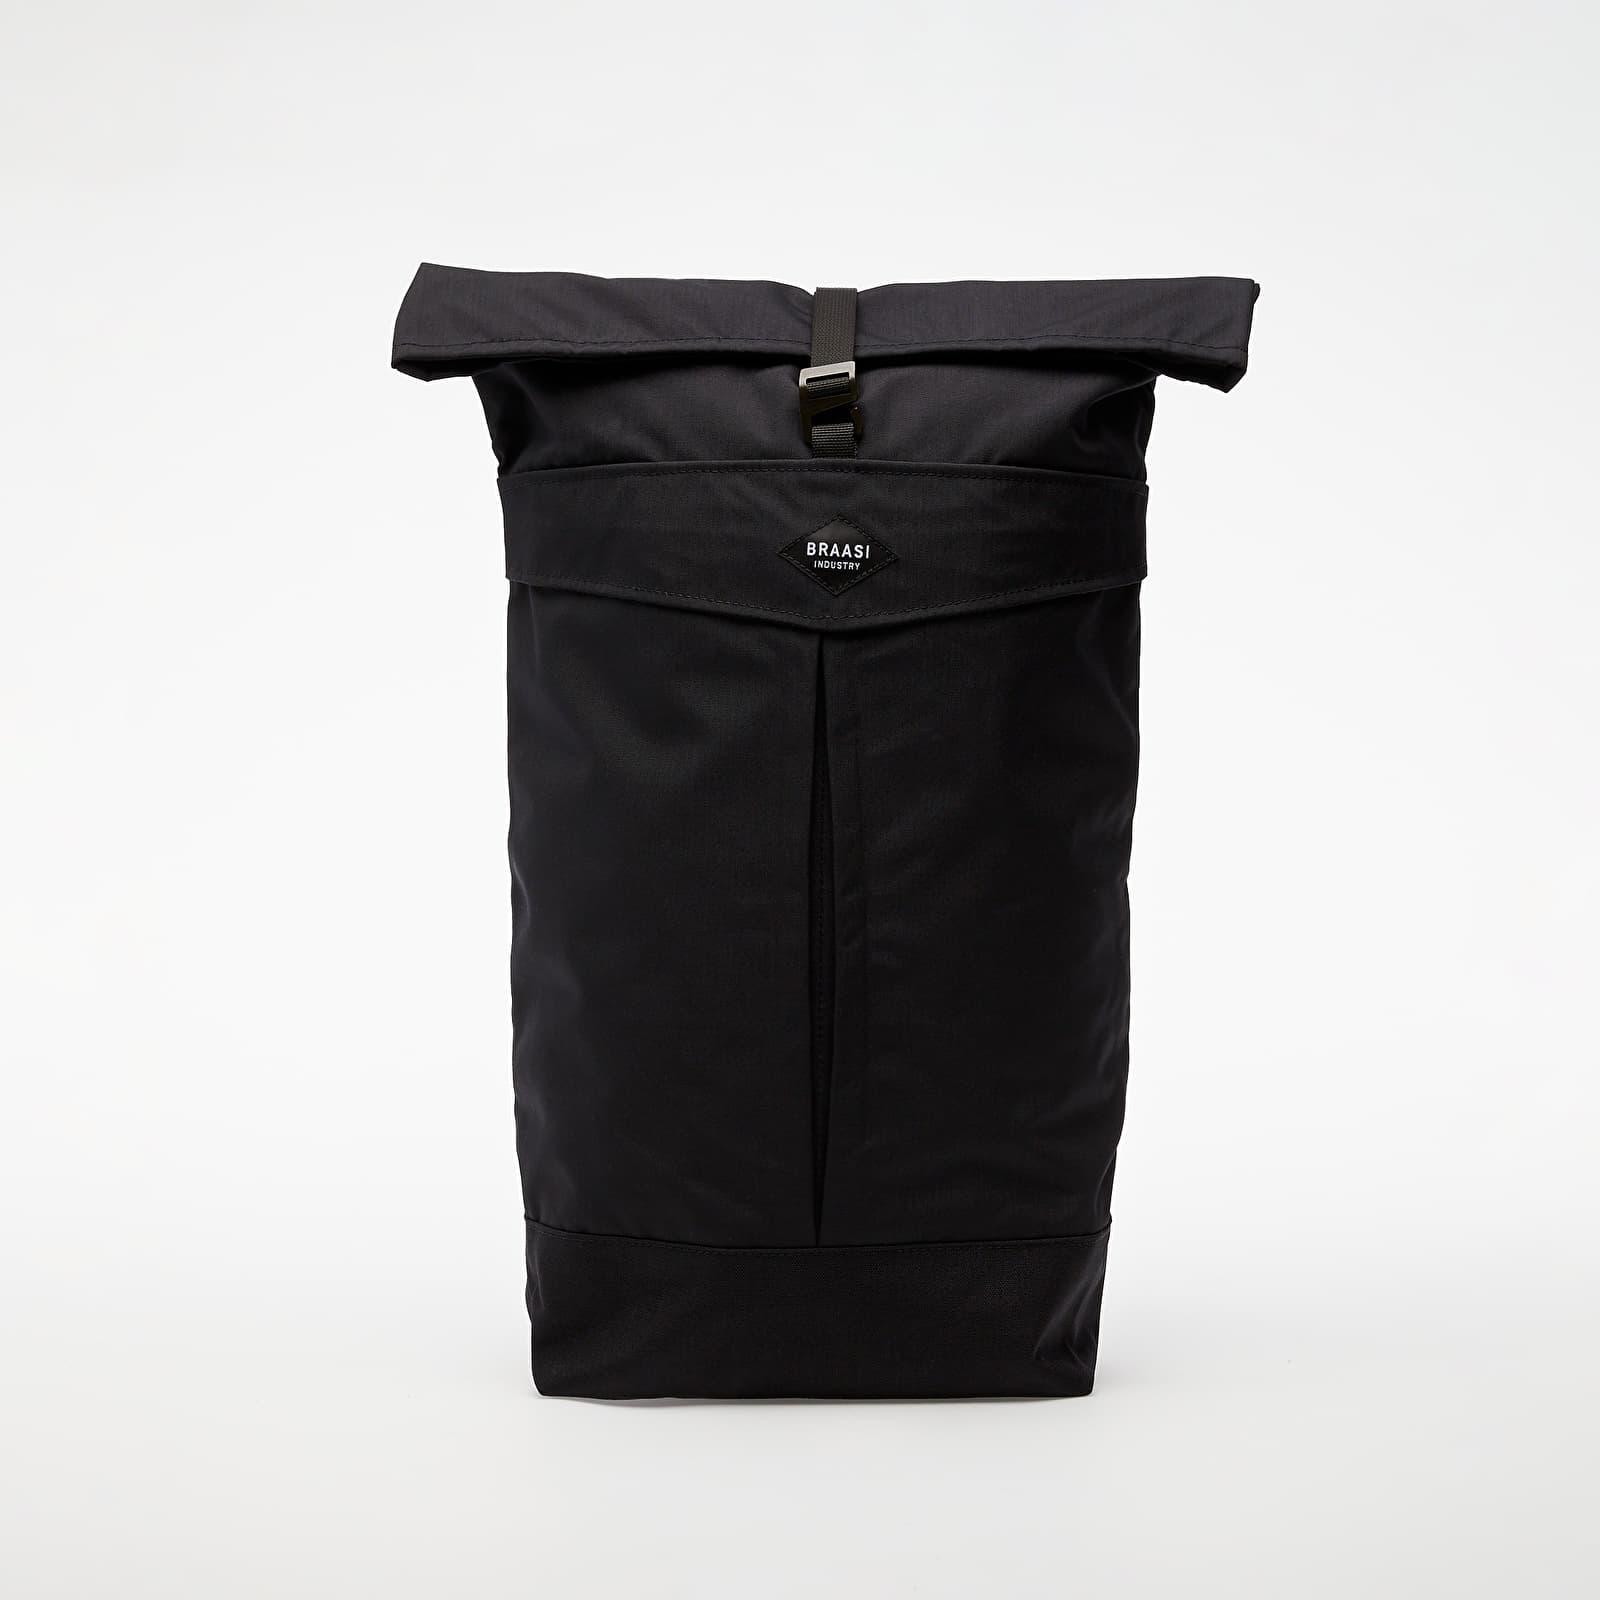 Backpacks Braasi Industry Levo Backpack Black